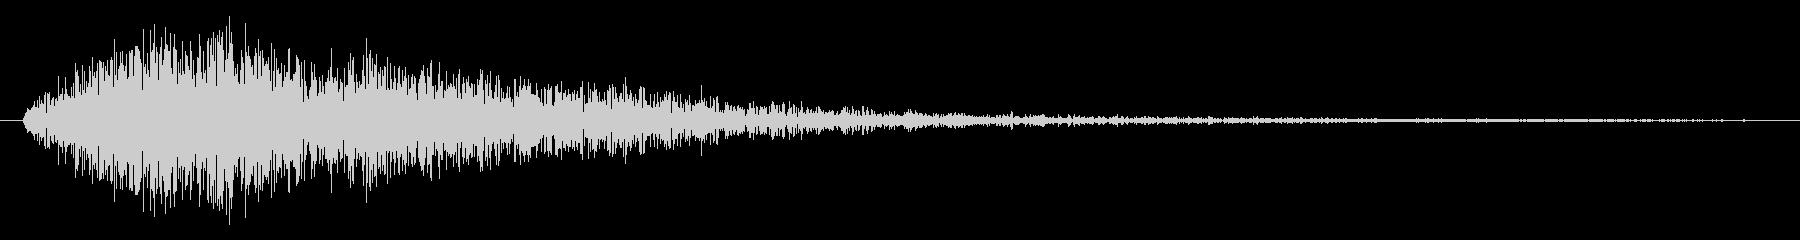 トレインチャフ、ジェネリックの未再生の波形